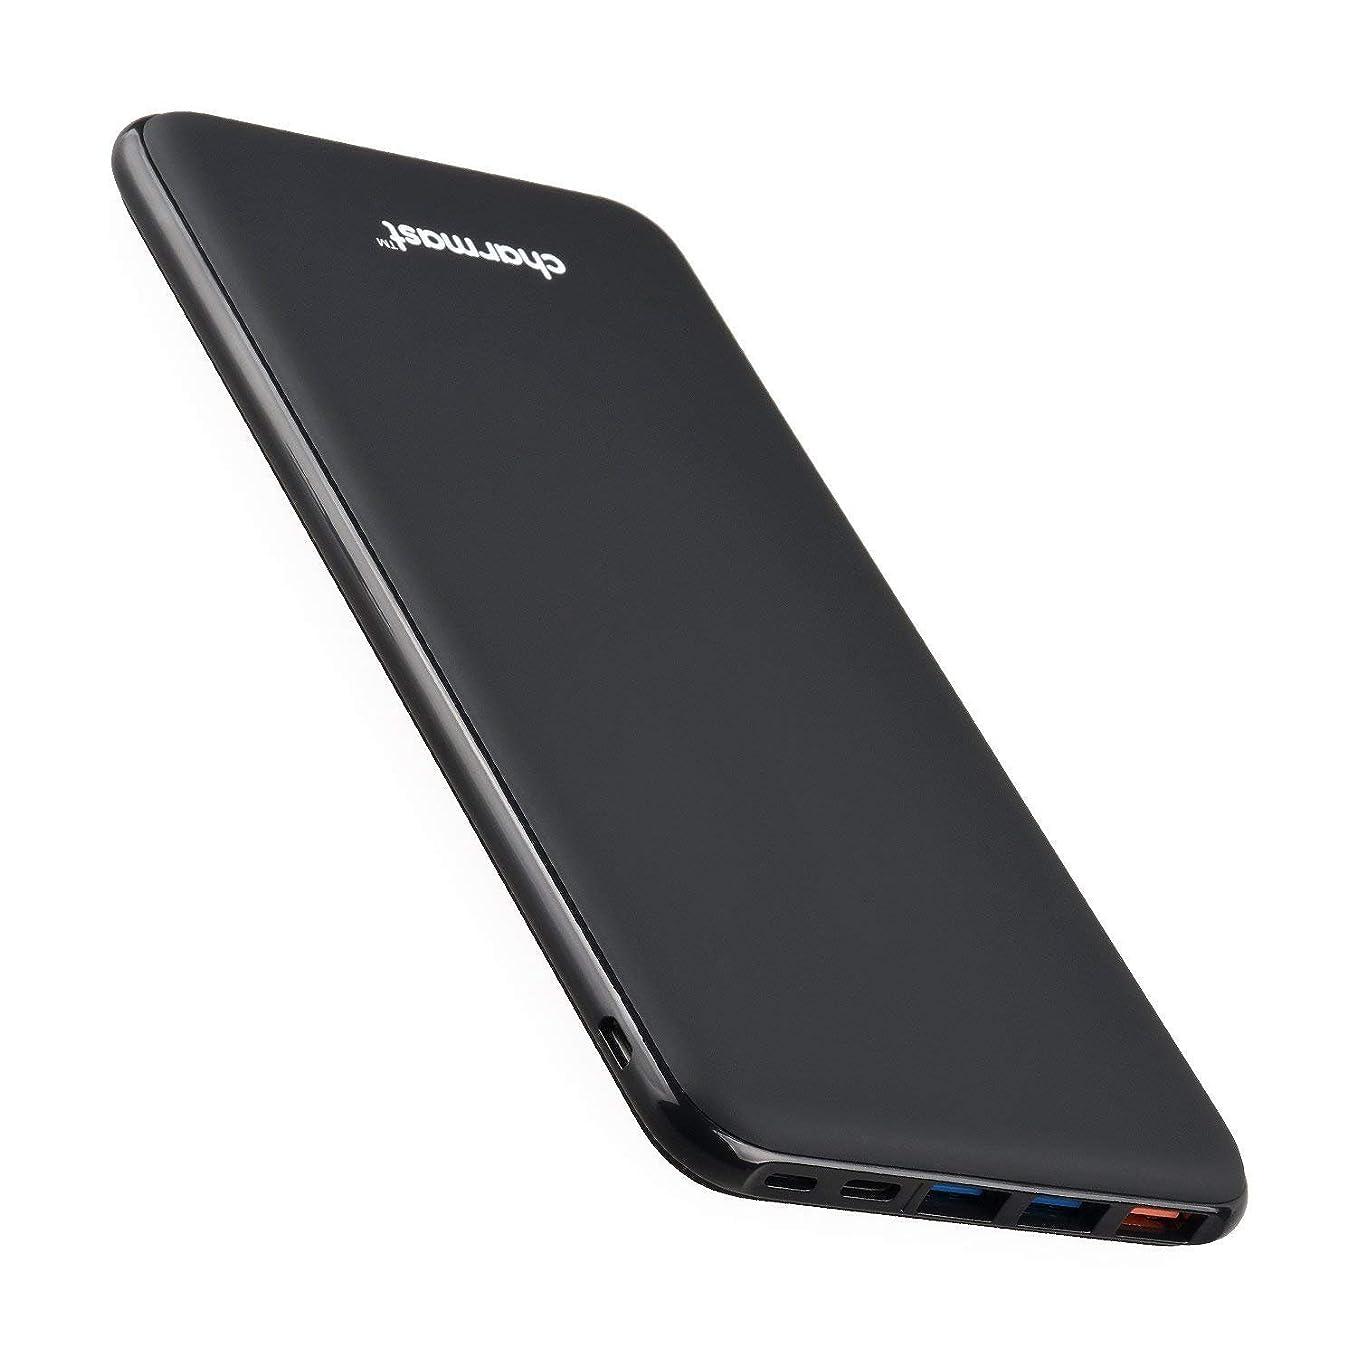 社会もっともらしい前Charmast 26800mAh モバイルバッテリー 大容量 PSE認証取得 Type-C PD対応 QC3.0 iPhone Android MacBook 急速充電 (ブラック)